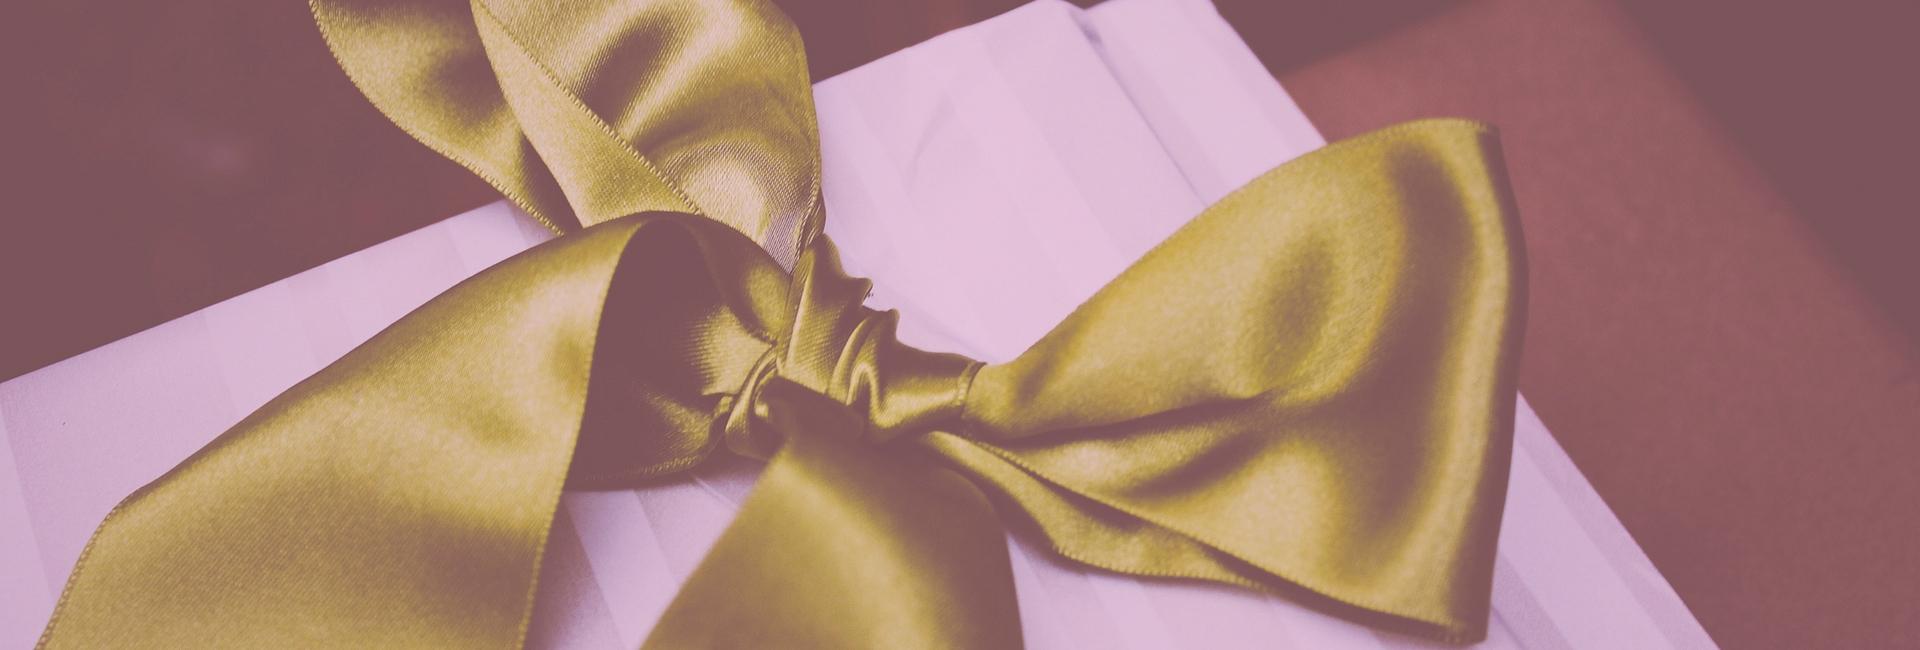 Tarjeta Regalo para sorprender y ayudar a quien quieres a que supere el cáncer de mama